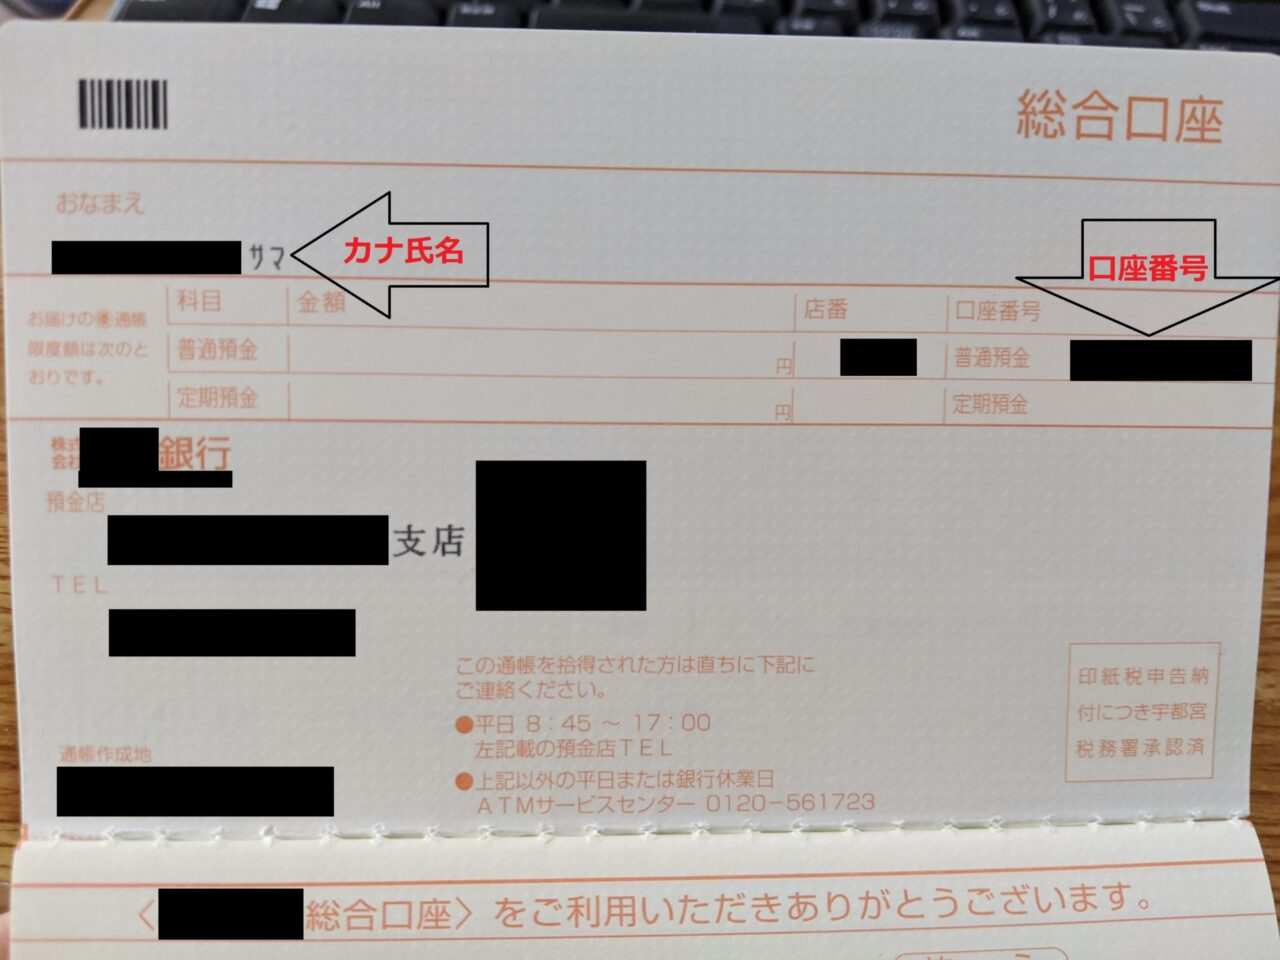 預金通帳(口座番号およびカナ氏名等)マスキング後